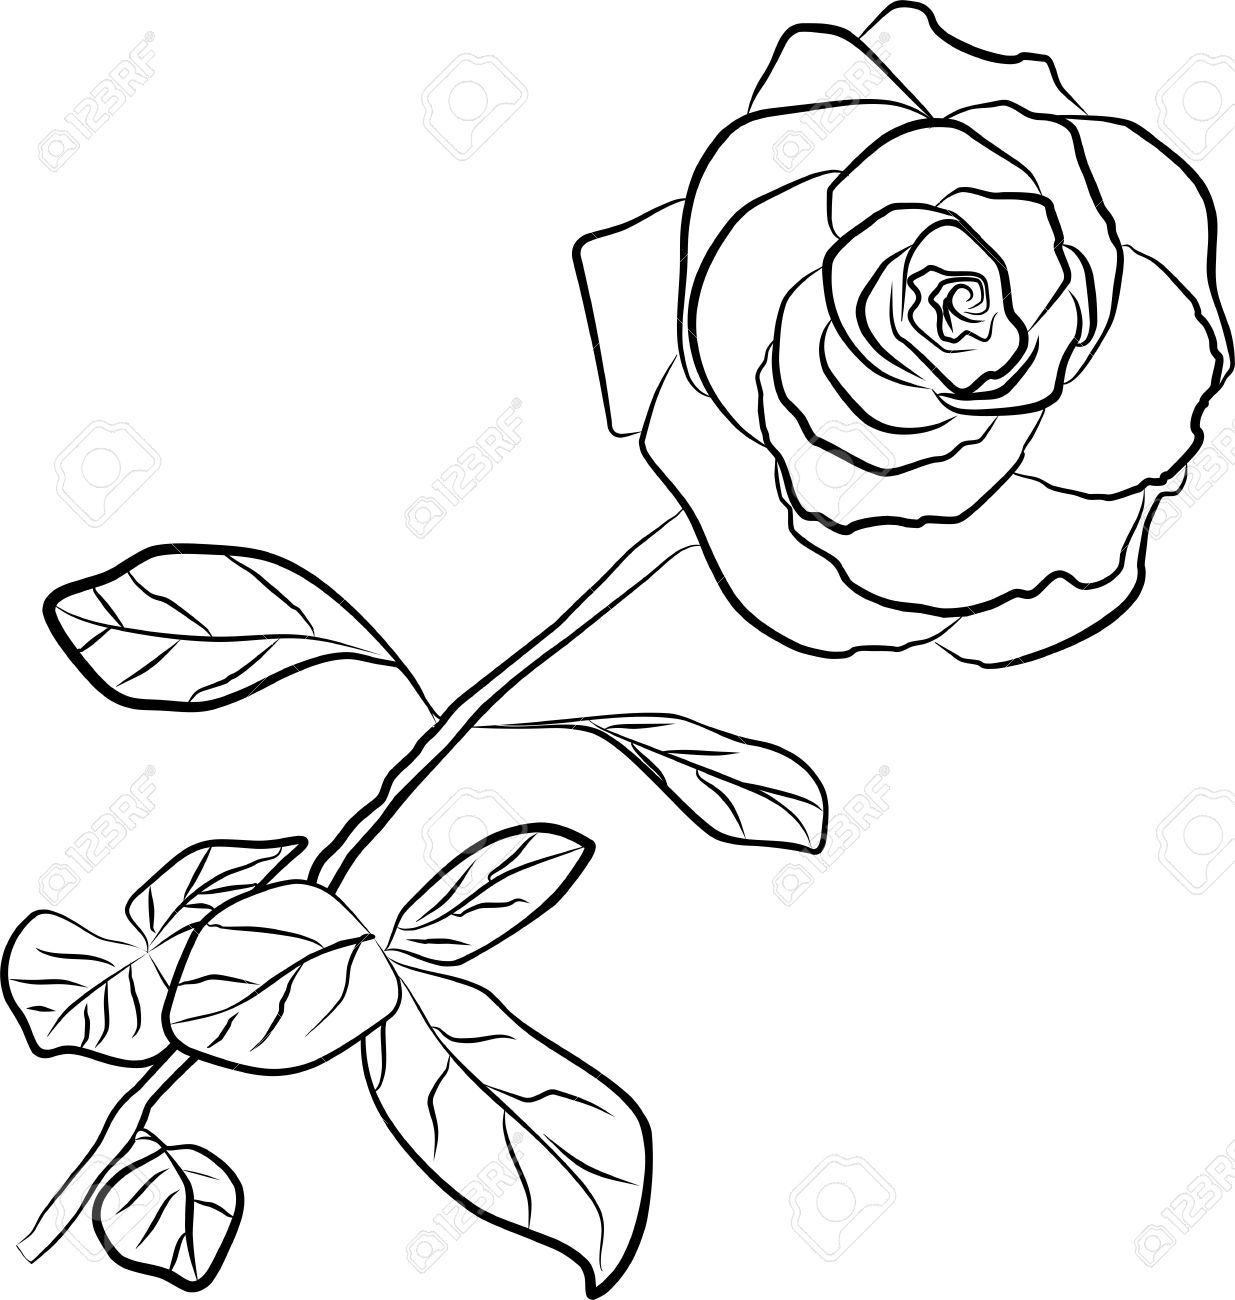 1235x1300 Outline Image Of Rose Plant Matatarantula